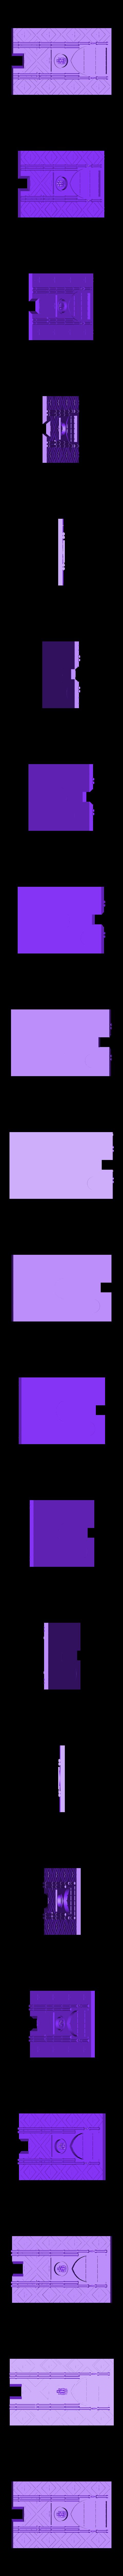 m_top_centre1.stl Télécharger fichier STL gratuit Un peu de Venise sur le côté Warhammer 40k! • Plan pour imprimante 3D, Earsling